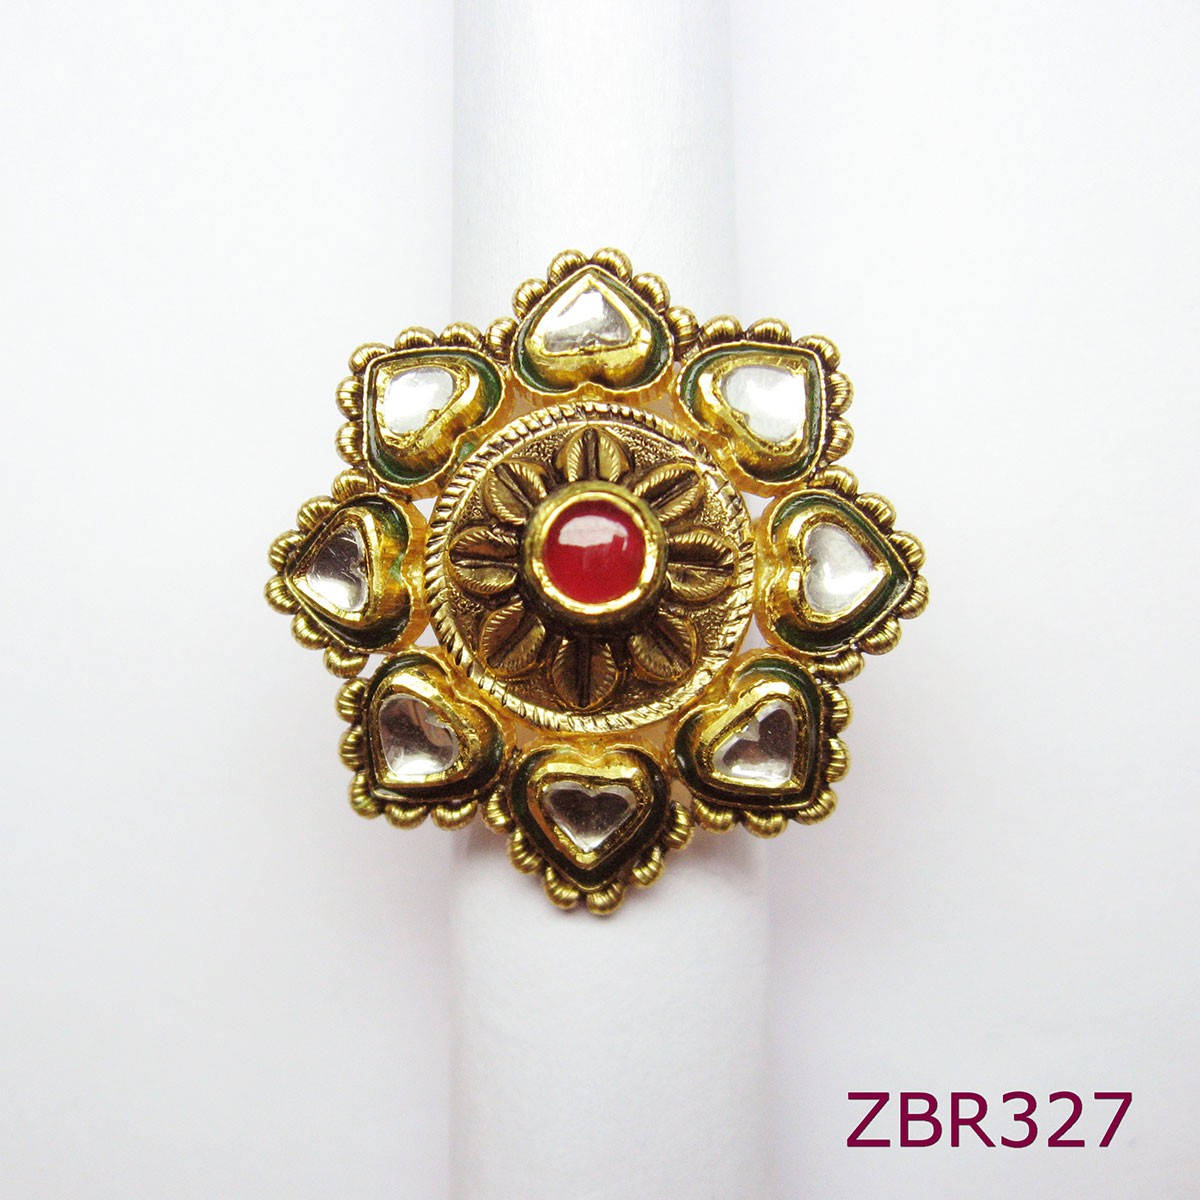 ZBR327